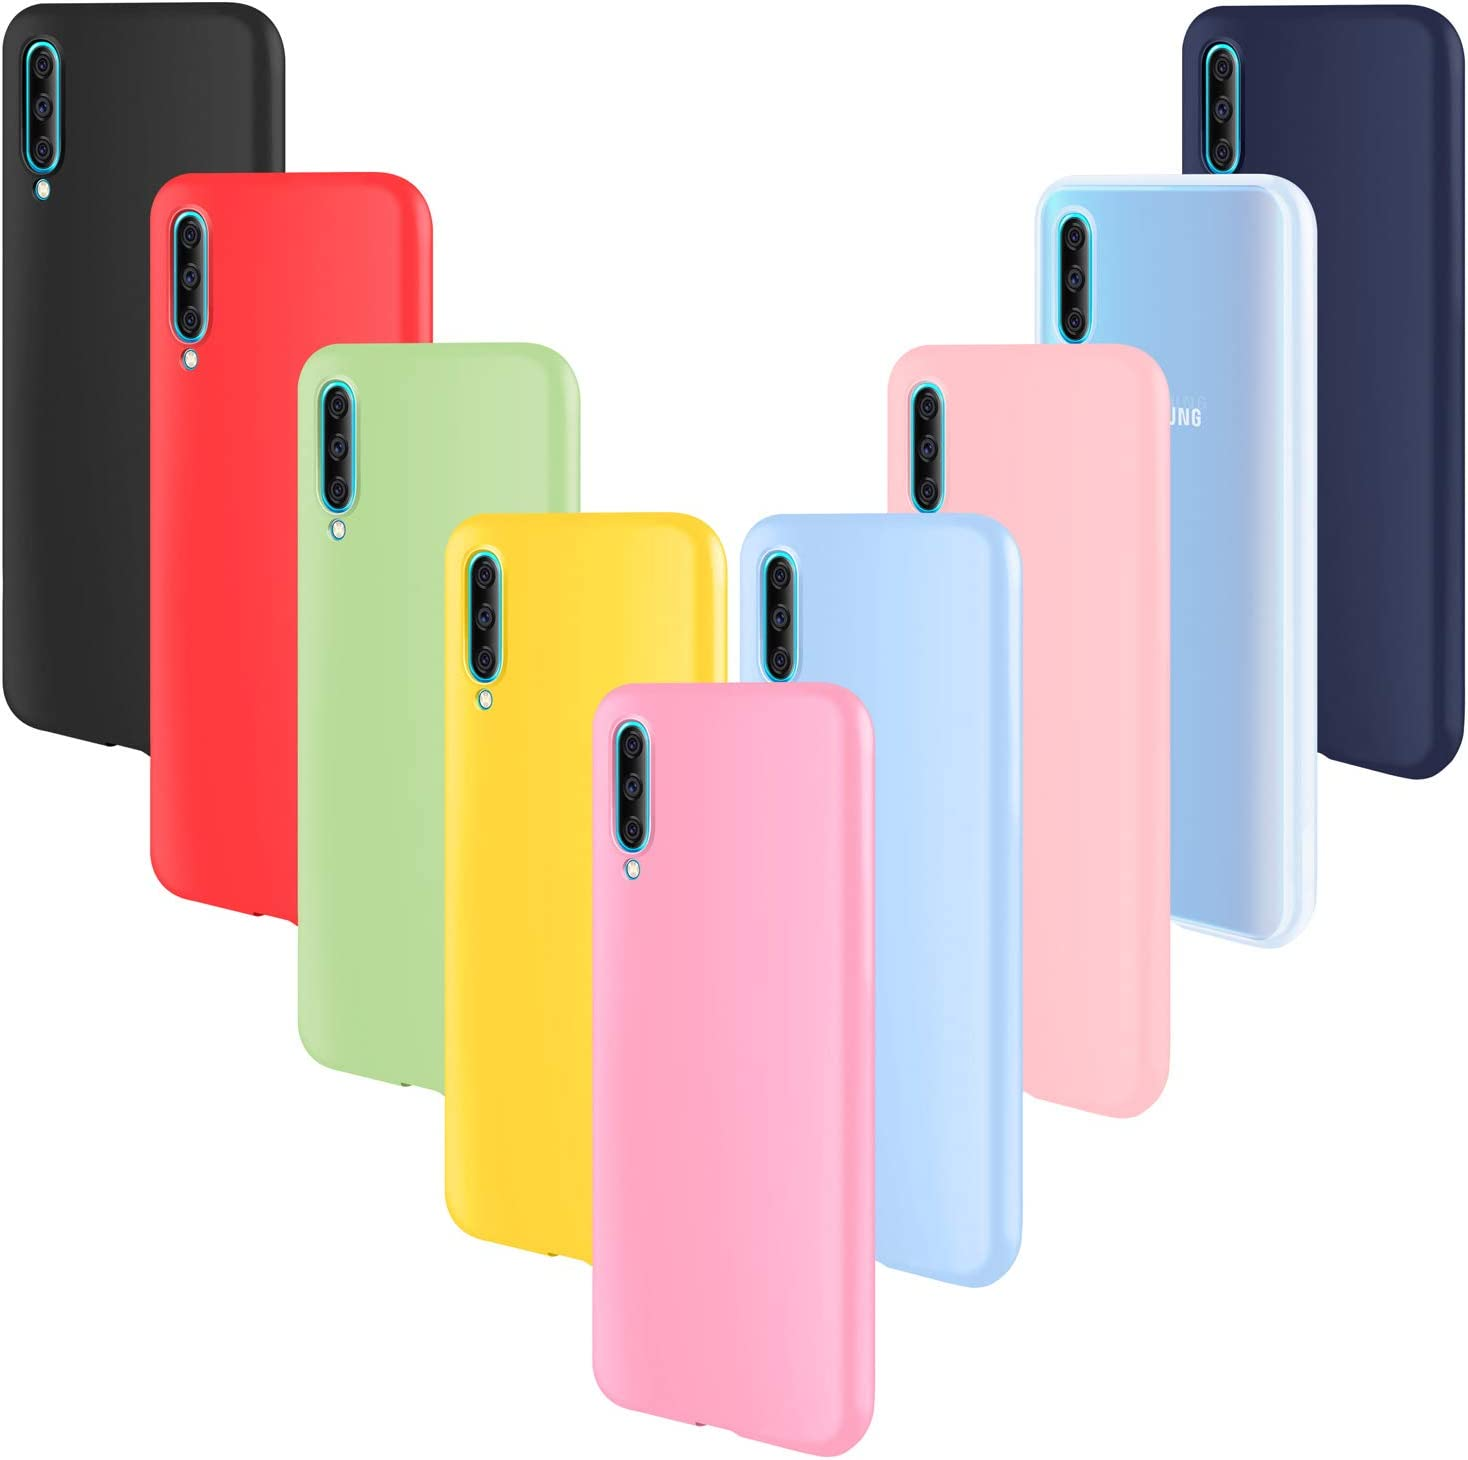 ivencase 9 × Funda Samsung Galaxy A50, Carcasa Fina TPU Flexible Cover para Samsung Galaxy A50 (Rosa Gris Rosa Claro Amarillo Rojo Azul Oscuro Translúcido Negro Azul Claro)